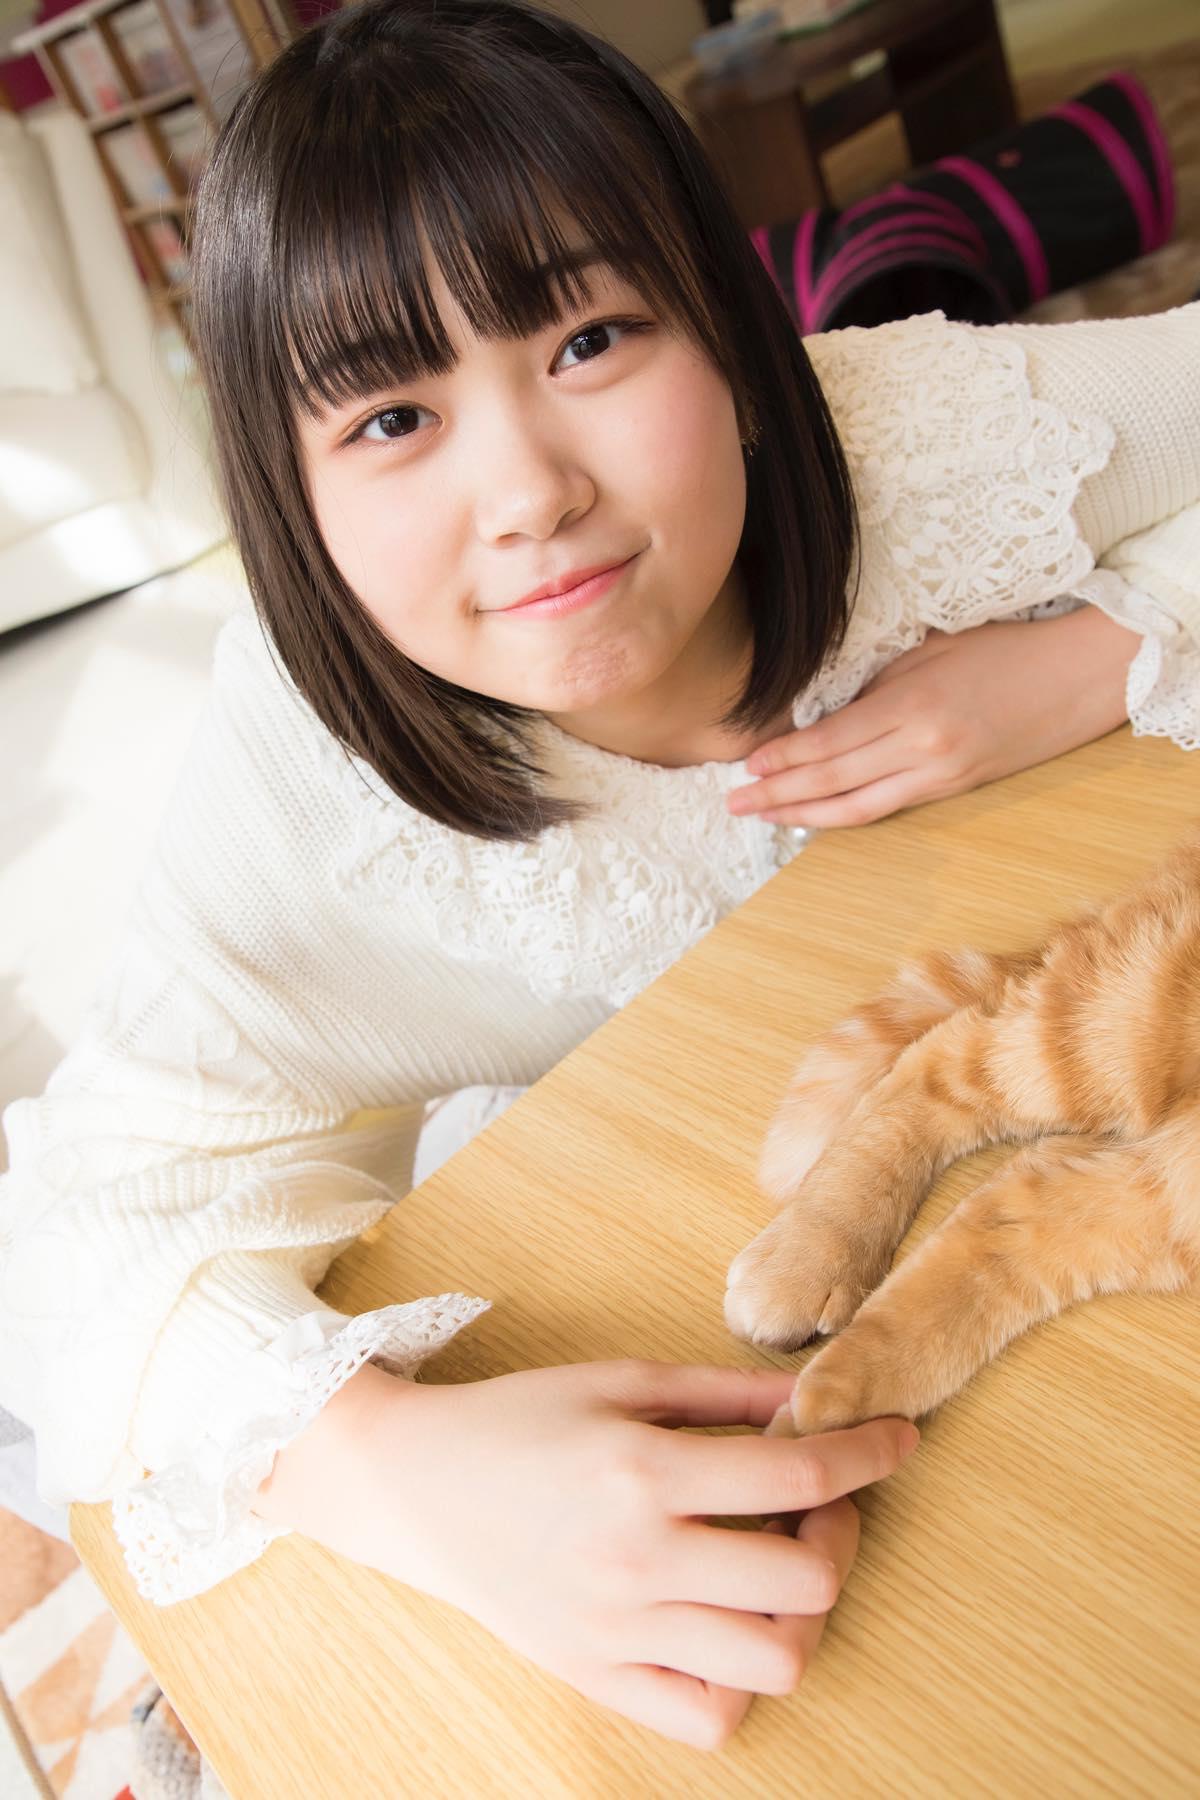 小澤愛実「猫に愛されることはできるのか」【写真48枚】【連載】ラストアイドルのすっぴん!vol.19の画像047